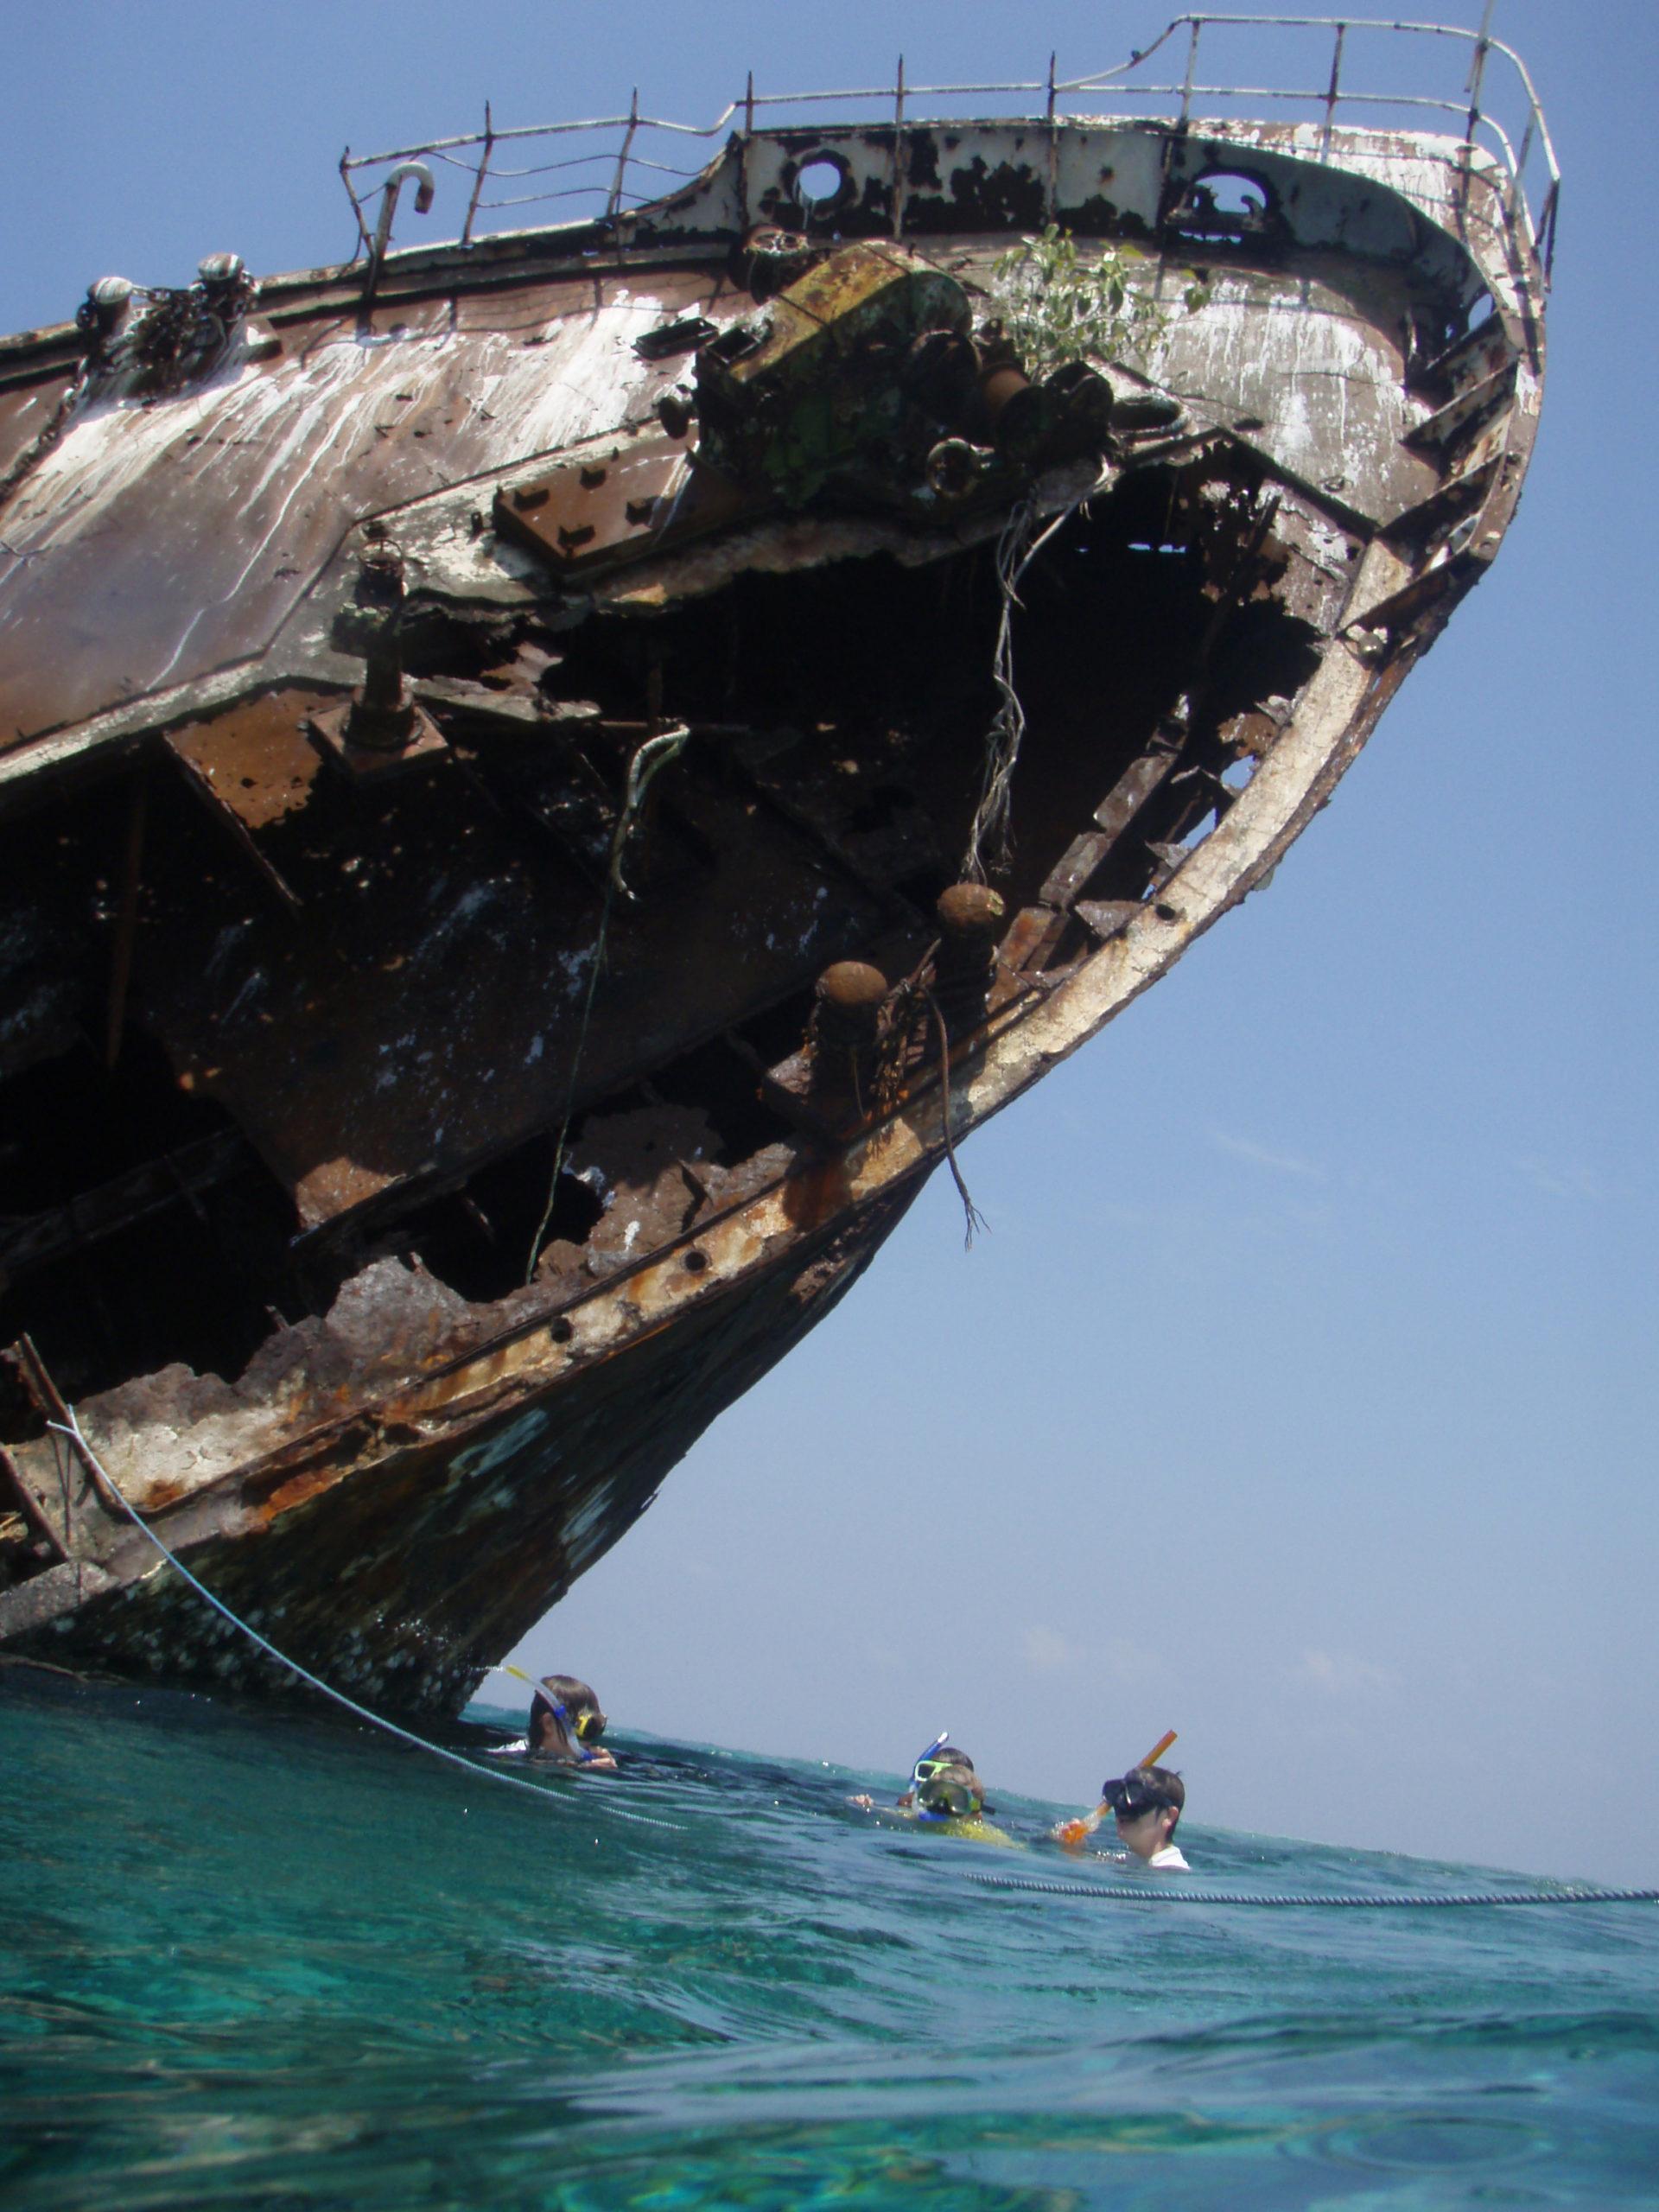 Après une navigation agitée entre deux atolls des Maldives, nous décidons de nous arrêter pour nous reposer dans un coin qui semble accueillant… en tout cas sur la carte en notre possession. La couleur de l'eau est magnifique, le soleil est haut dans le ciel et la passe facile à voir entre les nuances de bleus plus ou moins foncés. Mais ce qui m'interpelle, c'est l'immense monticule noir posé – tel un amer vraiment remarquable – à côté de la passe.  Que peut-il bien annoncer ?  Le courant est en notre faveur : on affale les voiles pour embouquer la passe au moteur. Il faut dire qu'elle n'est pas très large… Peut-être quatre fois la largeur de notre catamaran ! Les manœuvres s'enchaînent pour être bien aligné quand… je me rend compte que le monticule noir est en fait un cargo échoué sur la barrière de corail. Il ne s'est pas trompé de beaucoup, moins d'une centaine de mètres, mais cela a suffi pour qu'il finisse sa vie ici.  On ne résiste pas bien longtemps : on mouille à moins d'un demi mille de l'épave et on revient la découvrir en annexe pour l'une des plus belles plongées que nous ferons dans ces eaux… pourtant sublimes ! Pas de nom sur la coque, déjà complètement rouillée, ni aucun moyen d'identifier ce navire pour savoir depuis quand il est échoué ici. Il commence à se désagréger complètement et la partie sous l'eau est colonisée par des coraux multicolores. Tout autour du château arrière, c'est un balais de poissons aux couleurs étincelantes.   Mère nature a digéré le monstre de fer…   JC Guillaumin – SEAtizens